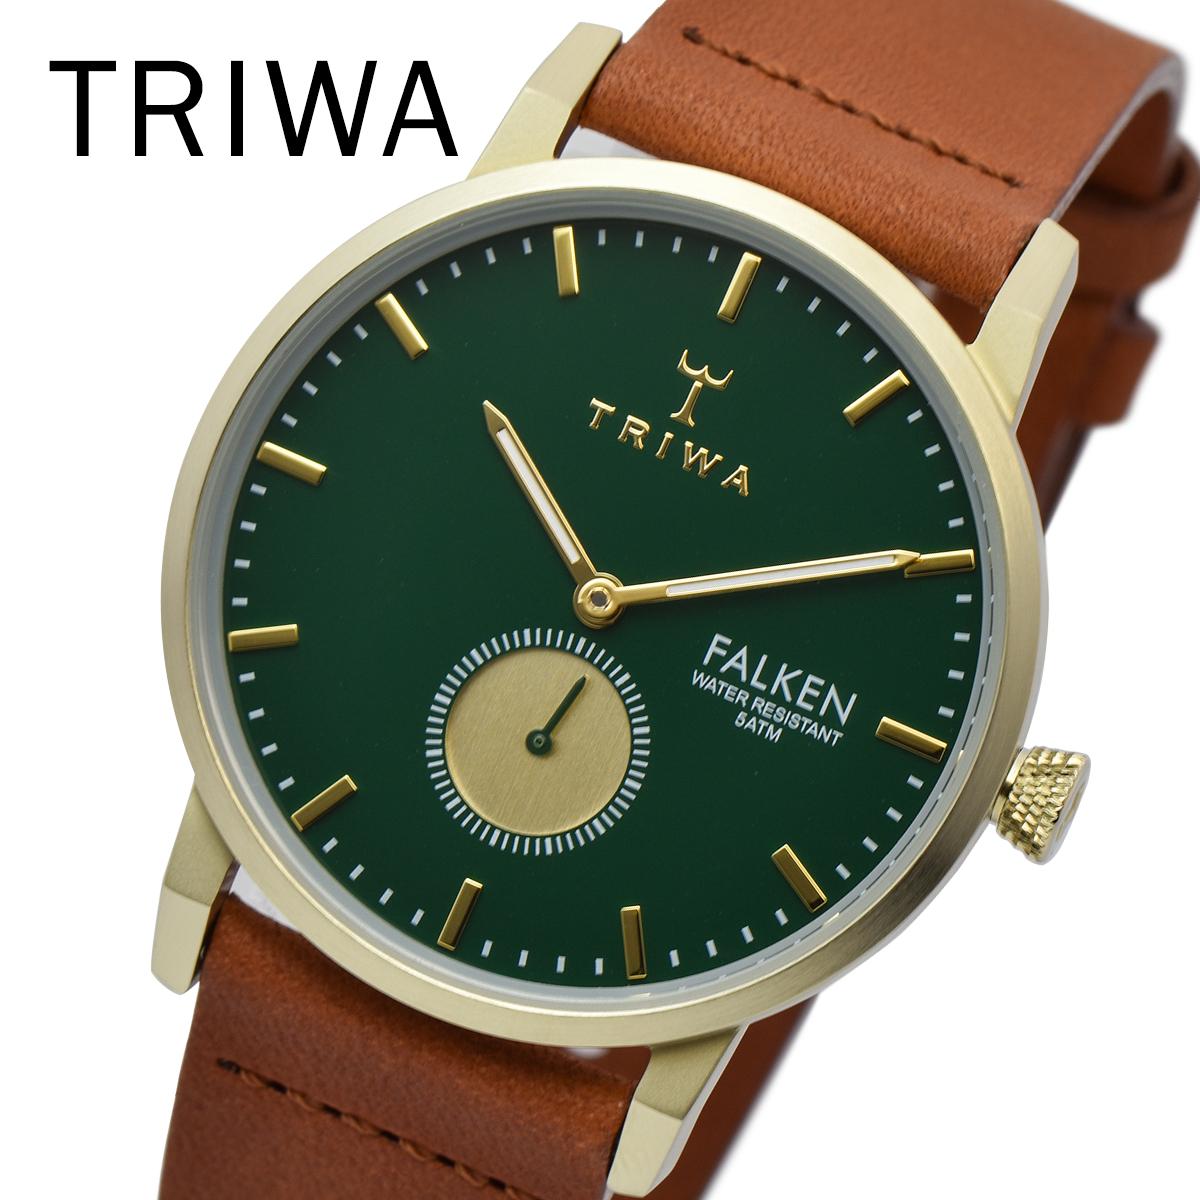 【全品送料無料】 TRIWA トリワ FAST112-CL010217 PINE FALKEN メンズ レディース ユニセックス 時計 腕時計 プレゼント 贈り物 ギフト 彼氏 フォーマル カジュアル ペアウォッチ 北欧[あす楽]